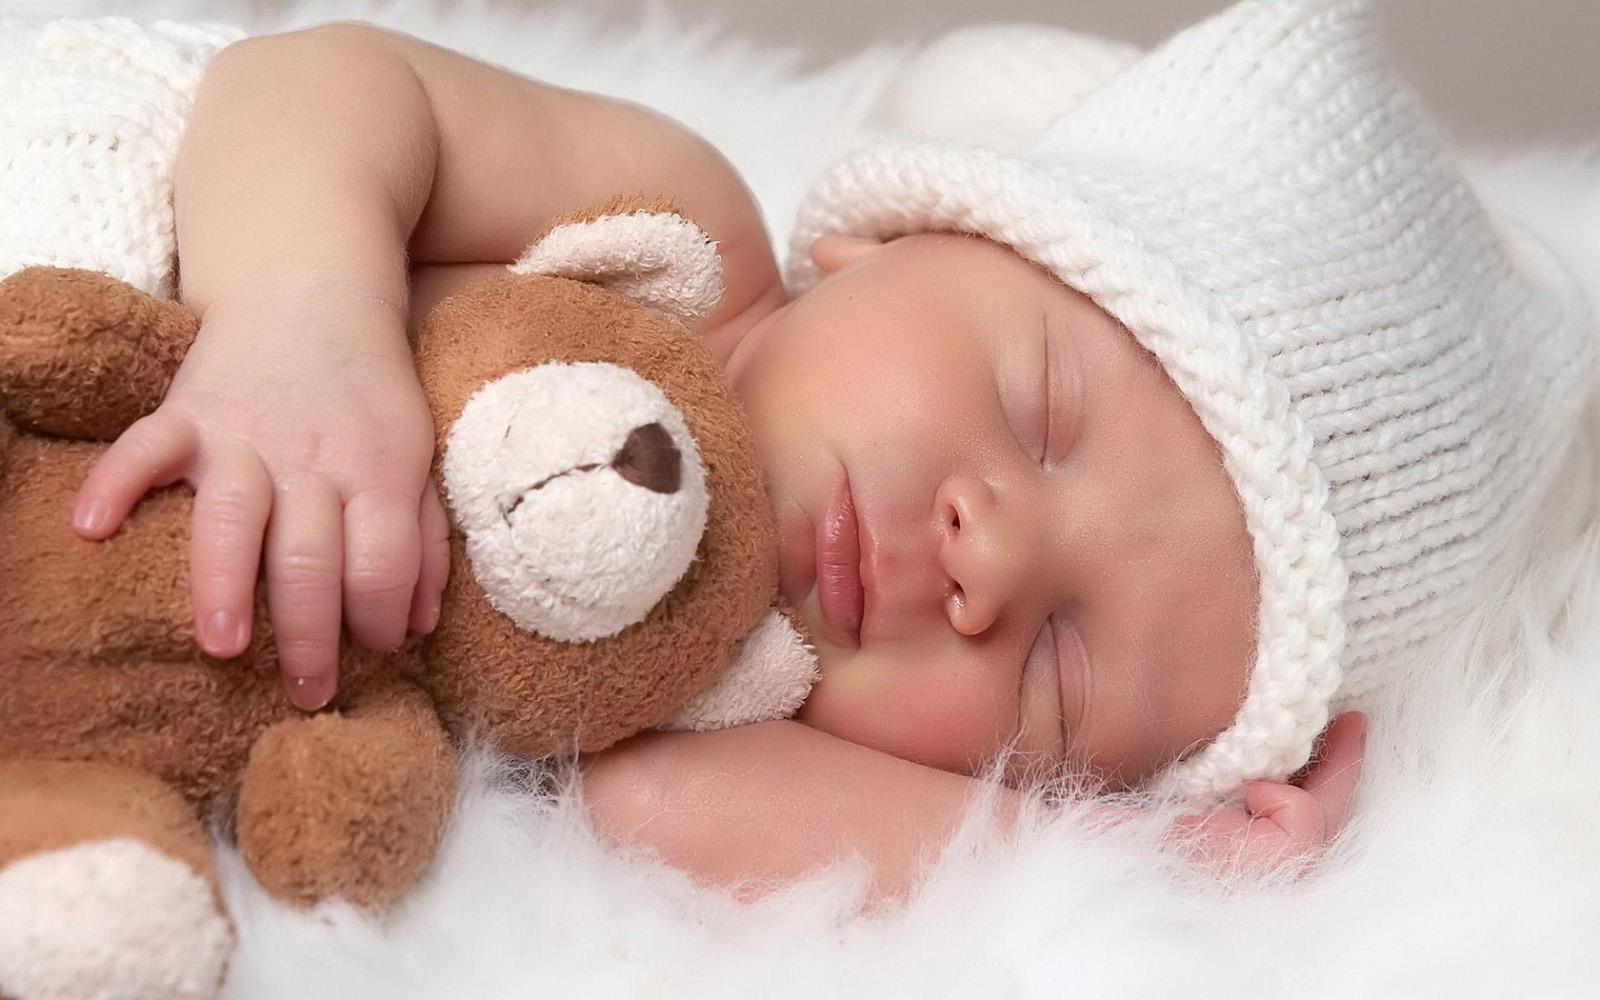 Mooie baby achtergronden leuke hd baby wallpapers afbeeldingen foto 20 1600x1000